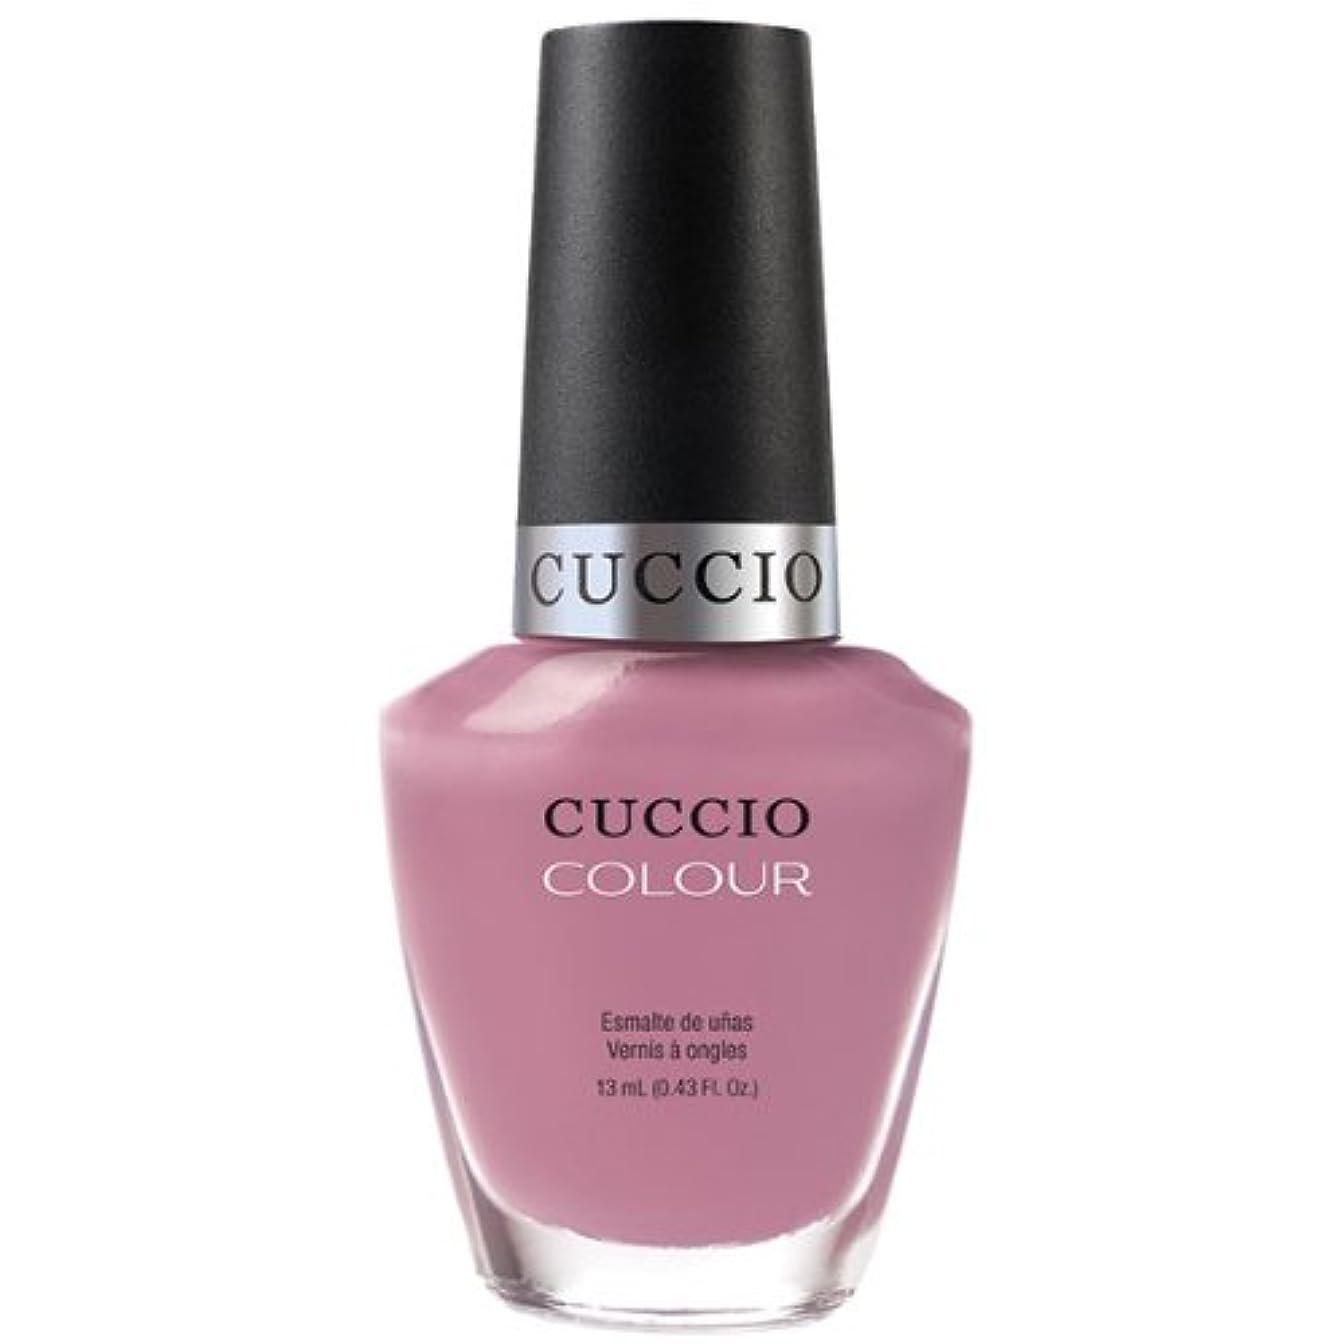 散らす置き場変色するCuccio Colour Gloss Lacquer - Bali Bliss - 0.43oz / 13ml